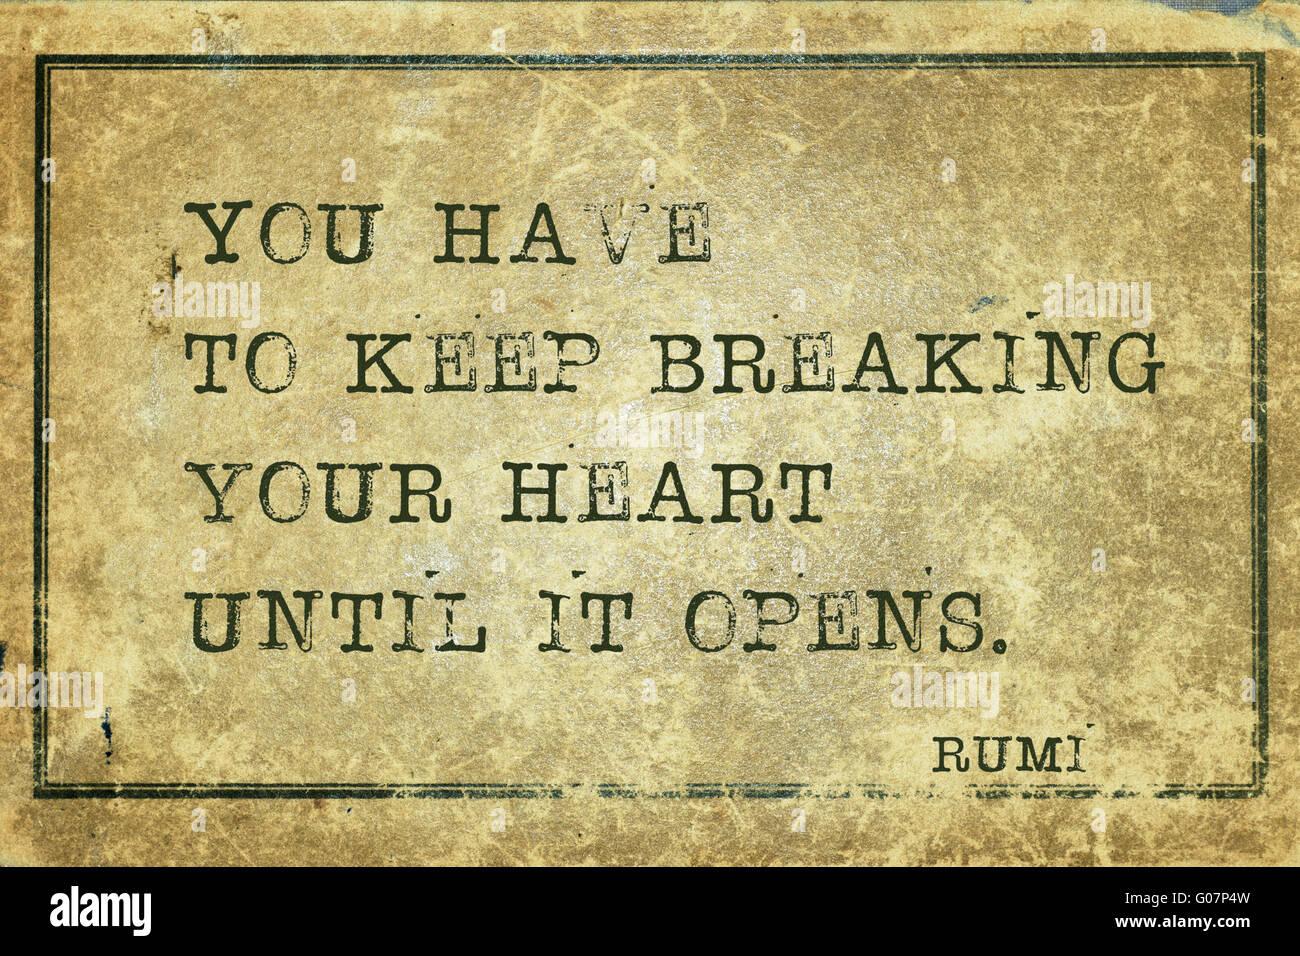 Du Musst Dein Herz Brechen Zu Halten Alte Persische Dichter Und Philosoph Rumi Zitat Auf Grunge Vintage Karton Gedruckt